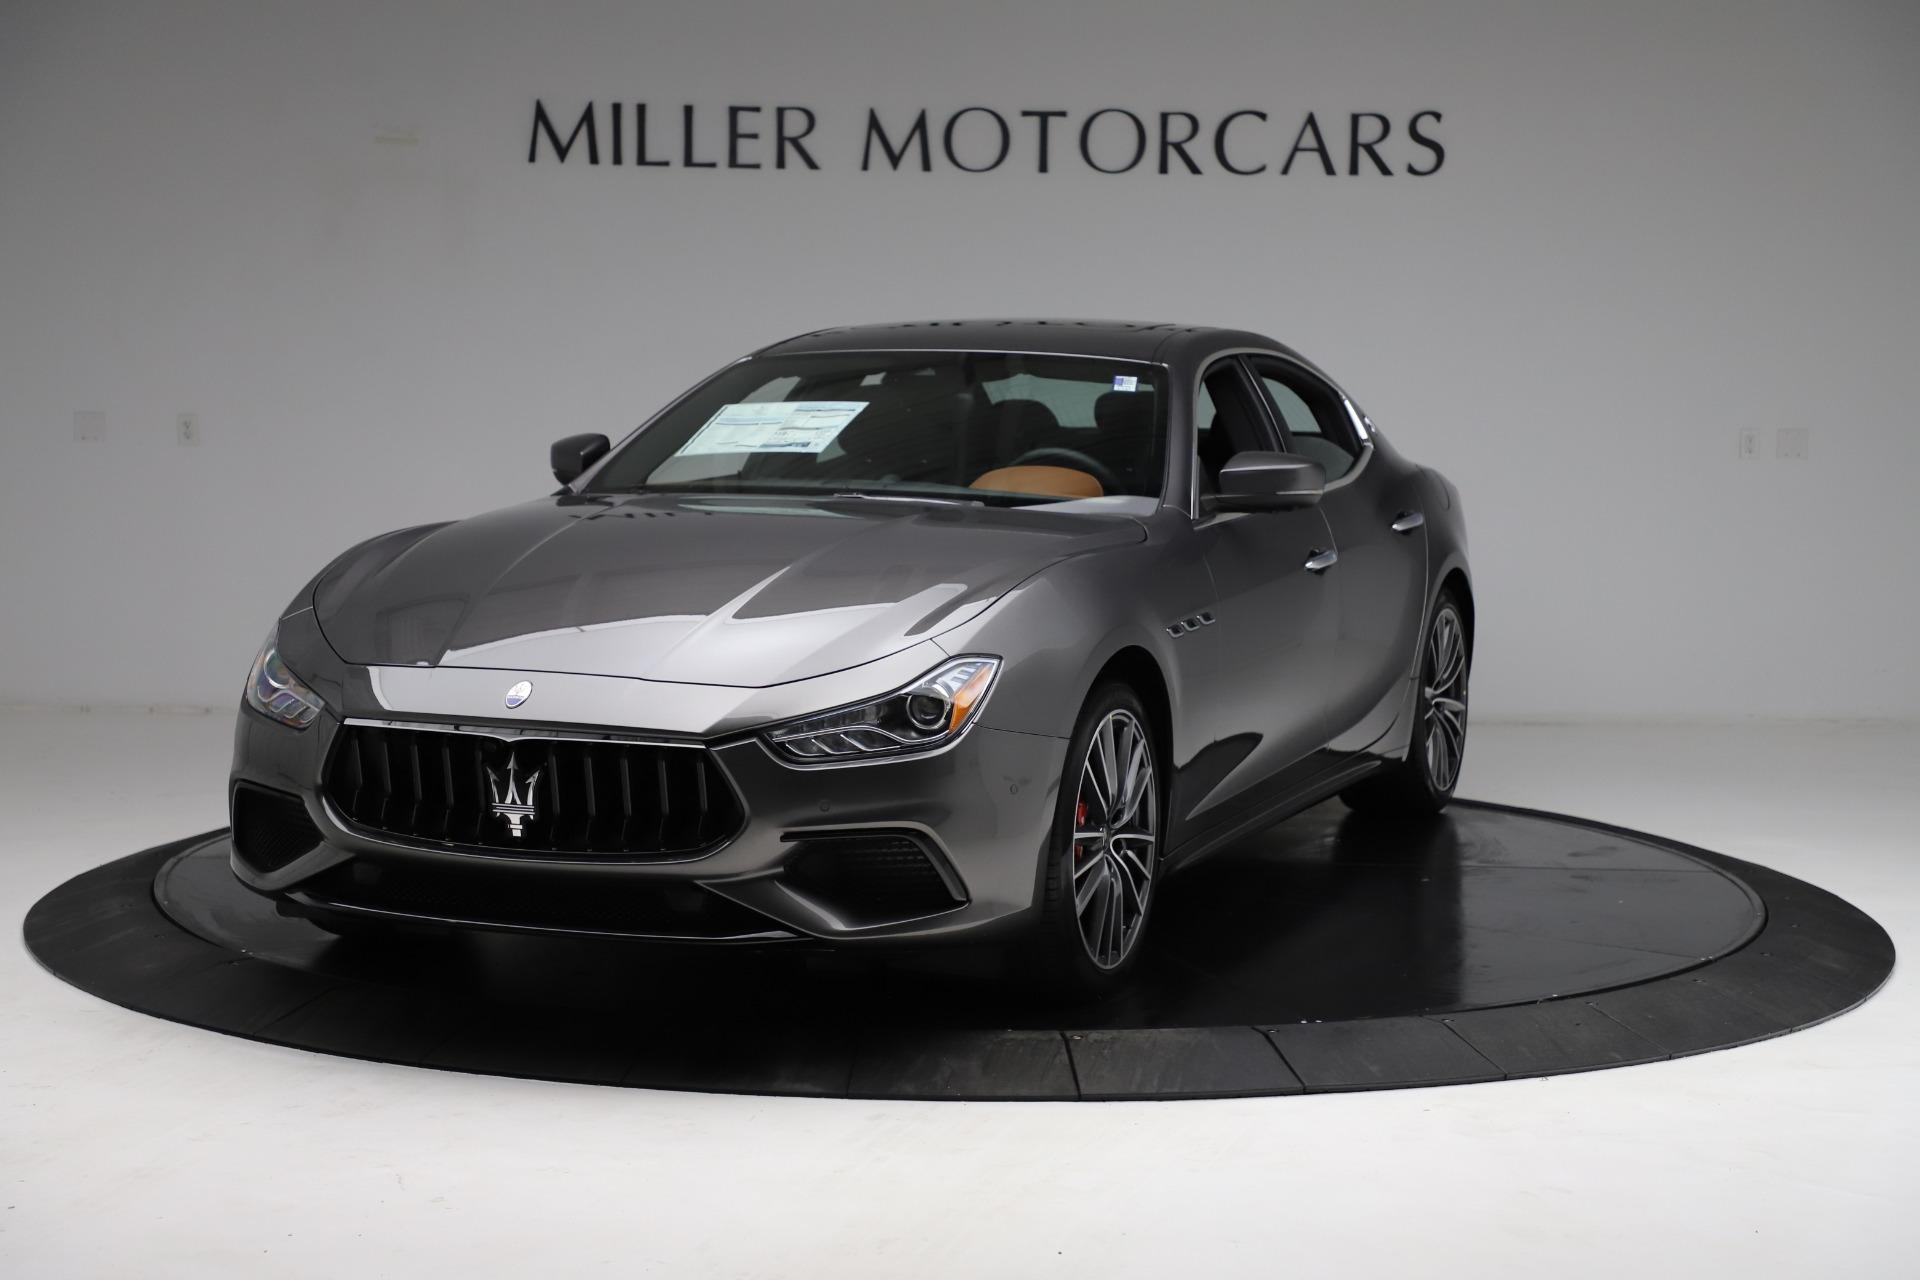 New 2021 Maserati Ghibli S Q4 for sale Sold at Bugatti of Greenwich in Greenwich CT 06830 1